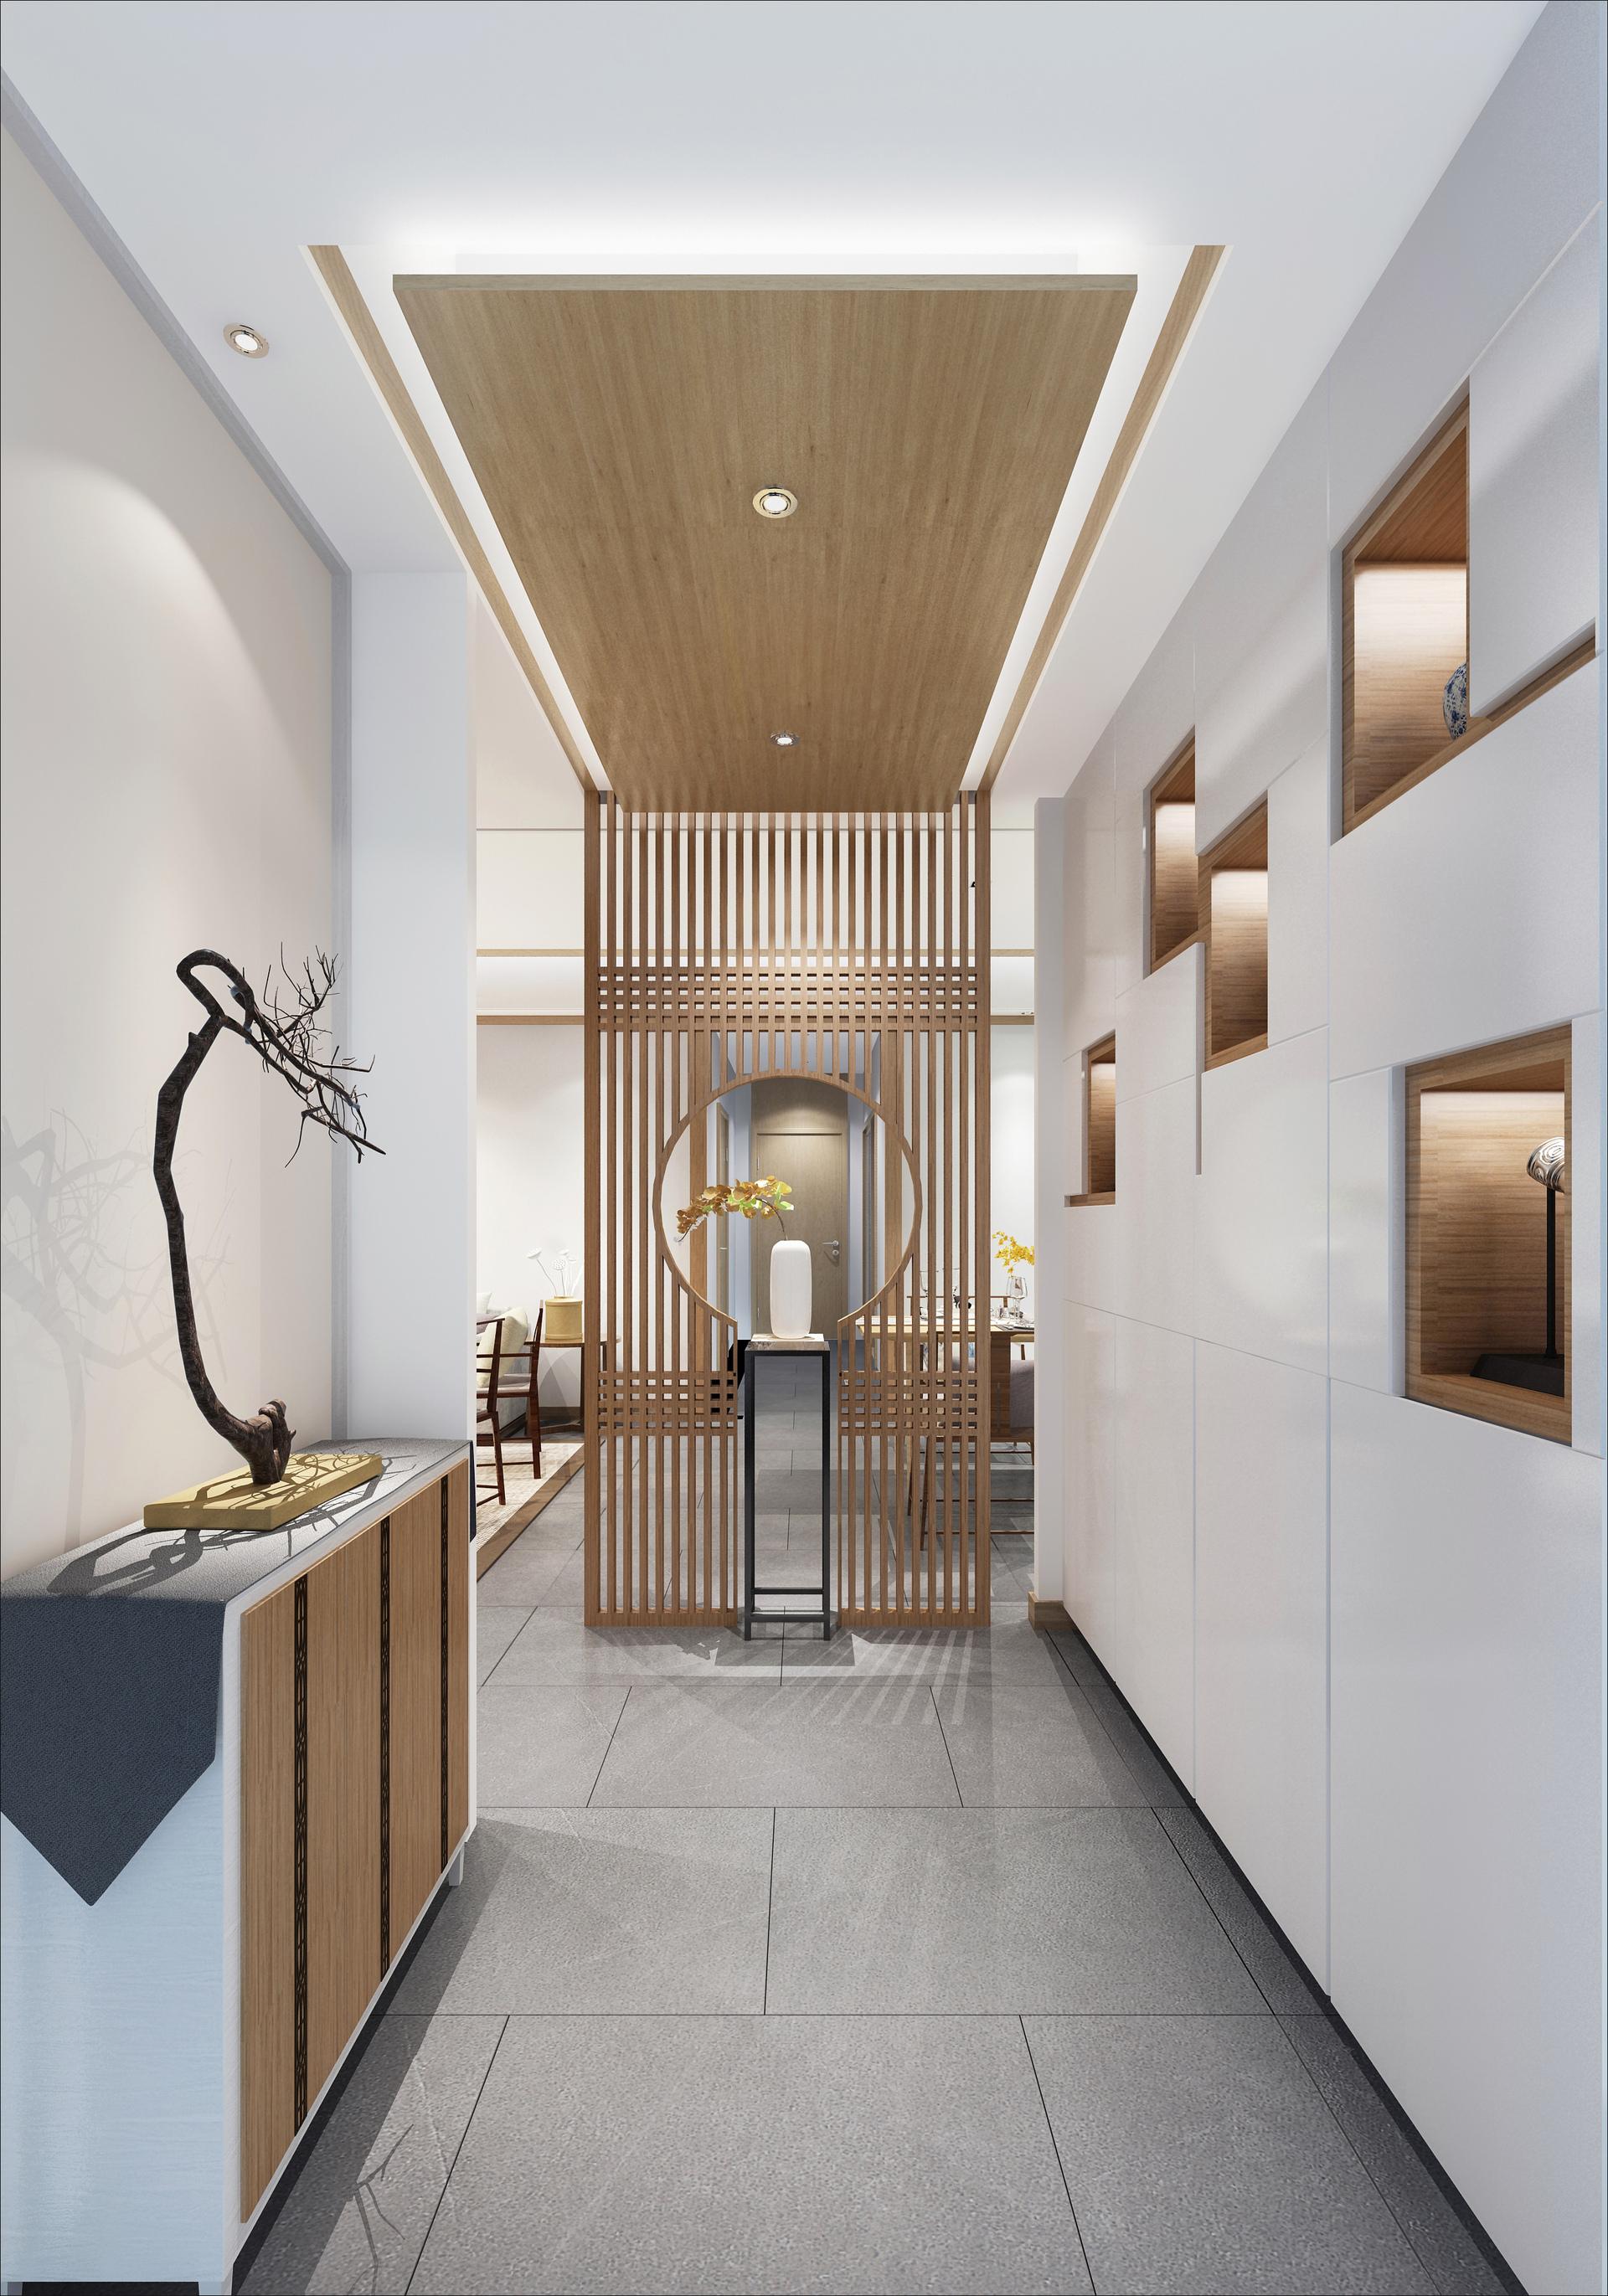 原标题:123现代中式,好漂亮的屏风,一进门就被吸引了 这套120多平米的房子以儒雅自然的现代中式风格装修,通过极简中式风元素搭配,以自然质朴的材质与色调,打造出一个禅意舒适的空间,充满了韵味气息。 图·赏 picture 玄关 因为玄关直对着长走廊,进门后的视觉感太幽深会不适,因此借助客餐厅的进深差在餐厅的墙面延伸出来装了一道中式栏栅屏风,屏风中间留个圆形摆个展示架,摆上一瓶禅意的装饰品;而在玄关的左侧则是摆着一个玄关柜+树枝装饰,右侧这是壁柜+壁龛展示盒组合的墙面,加上延伸到顶部的吊顶,